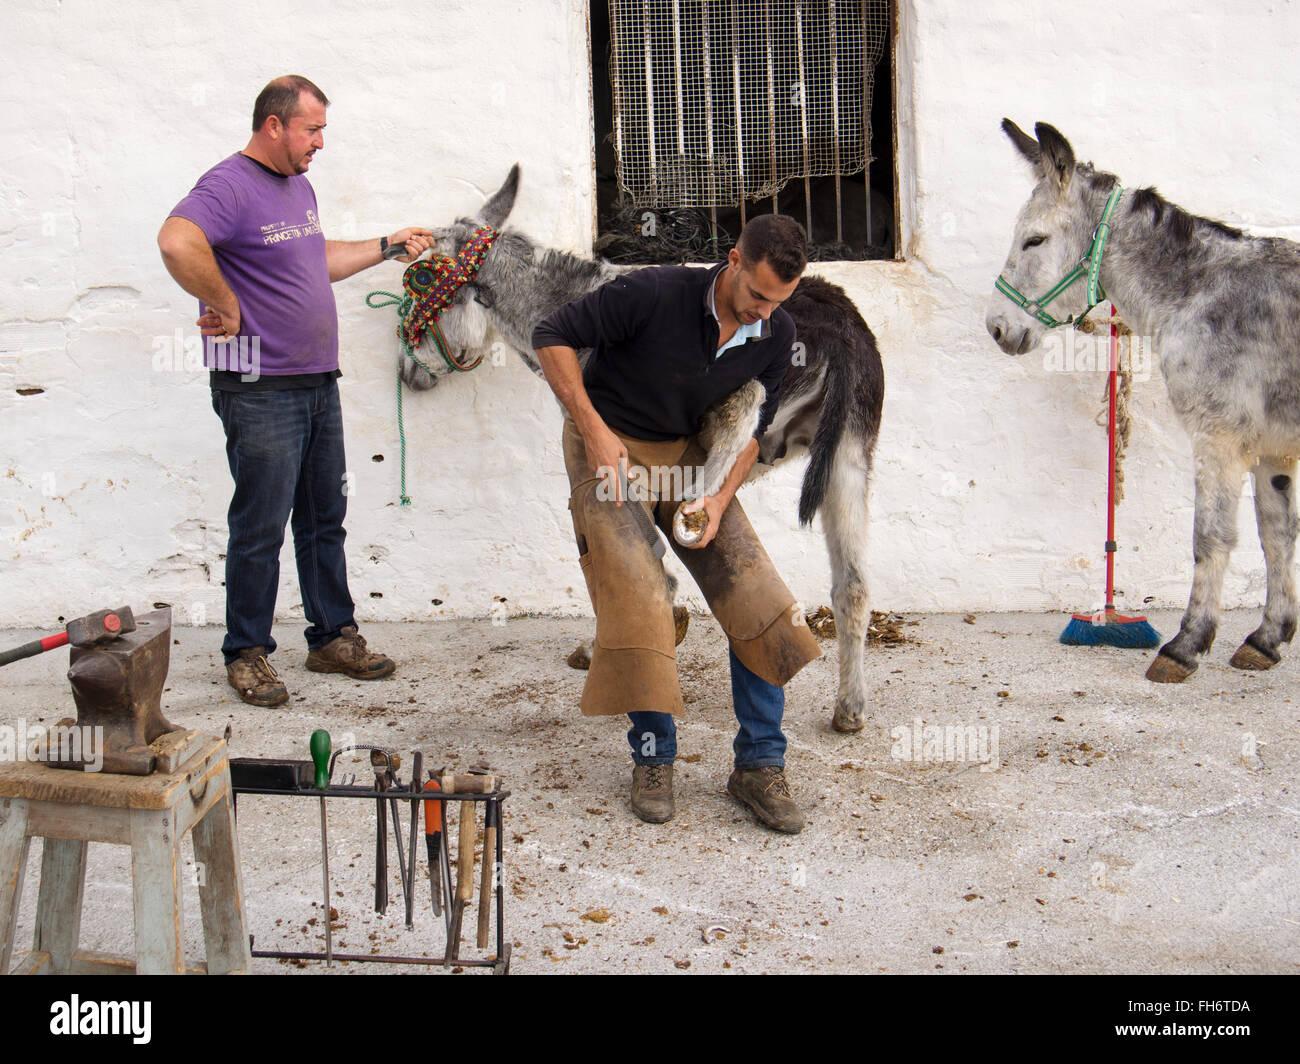 Schmied Neubaurahmen Hufeisen typische Esel Esel Taxi, weiße Dorf Mijas, Provinz Malaga Costa del Sol Andalusien Stockbild